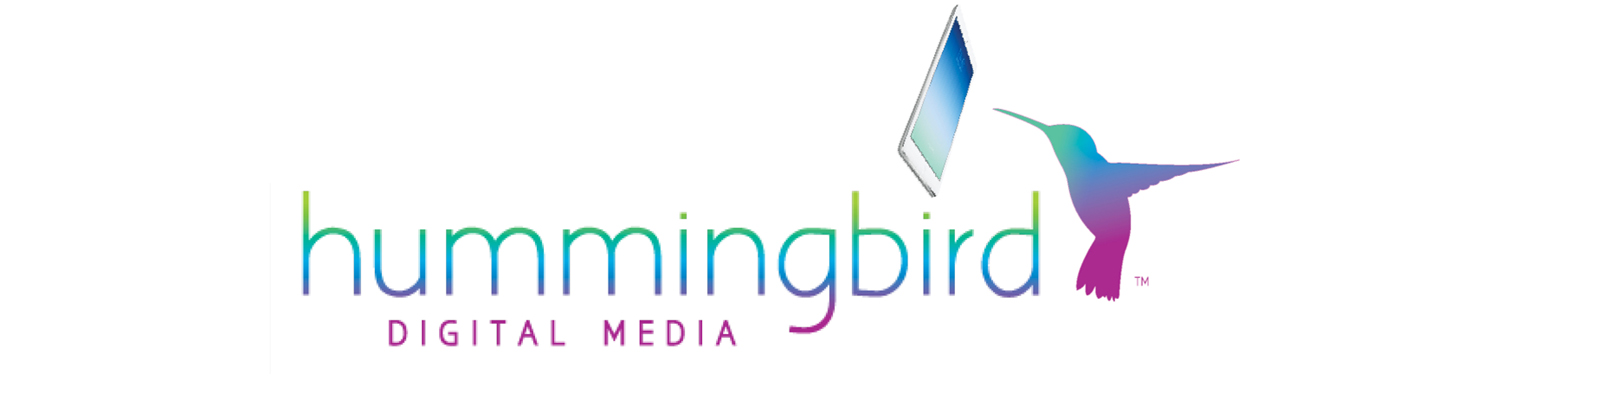 Logo of Hummingbird Digital Media